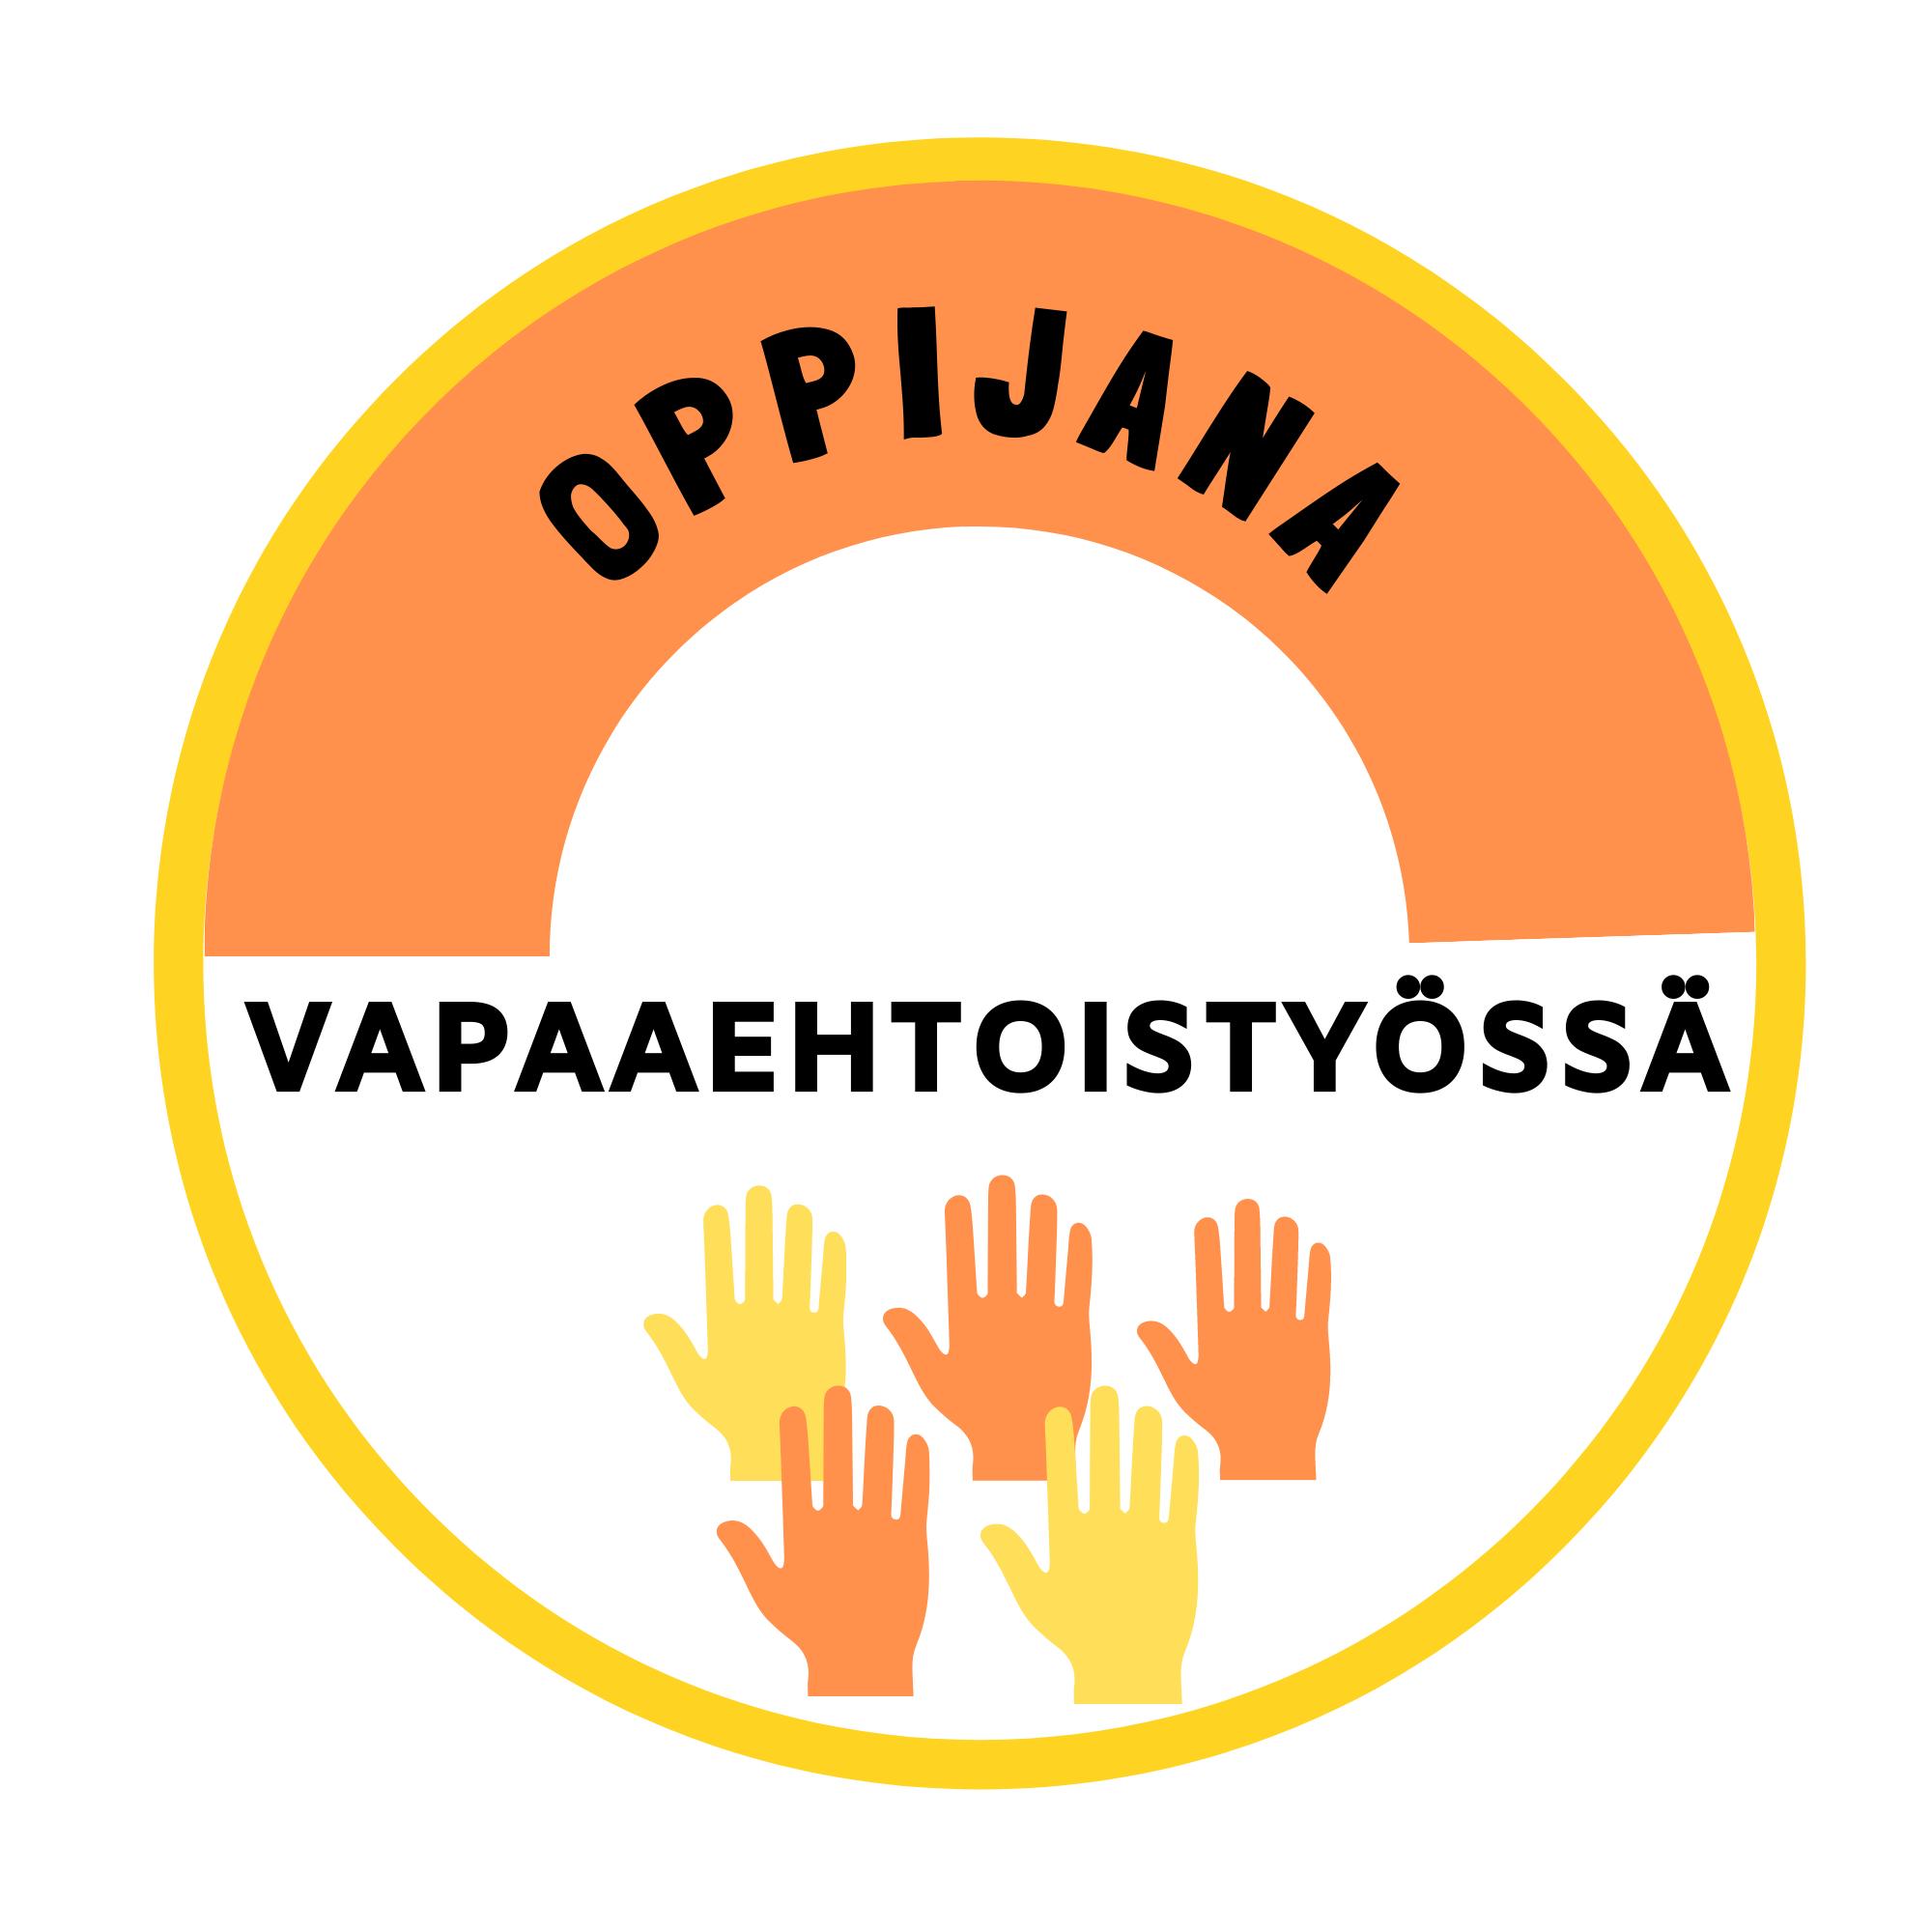 """Pyöreässä oranssin ja keltaisen sävyisessä osaamismerkissä näkyy viisi pystyssä olevaa kättä. Mustalla tekstillä lukee """"oppijana vapaaehtoistyössä""""."""